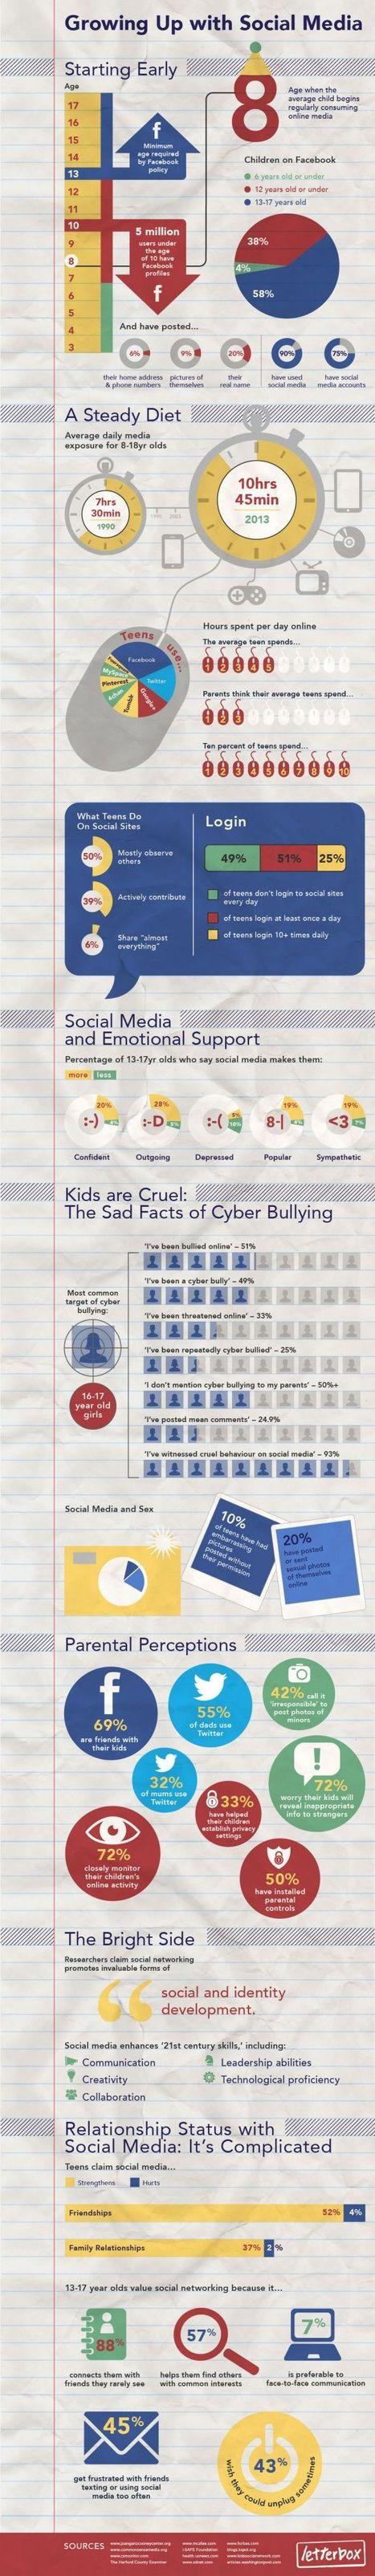 Enfants et Réseaux Sociaux : Grandir avec Facebook et Twitter | L'E-Réputation | Scoop.it